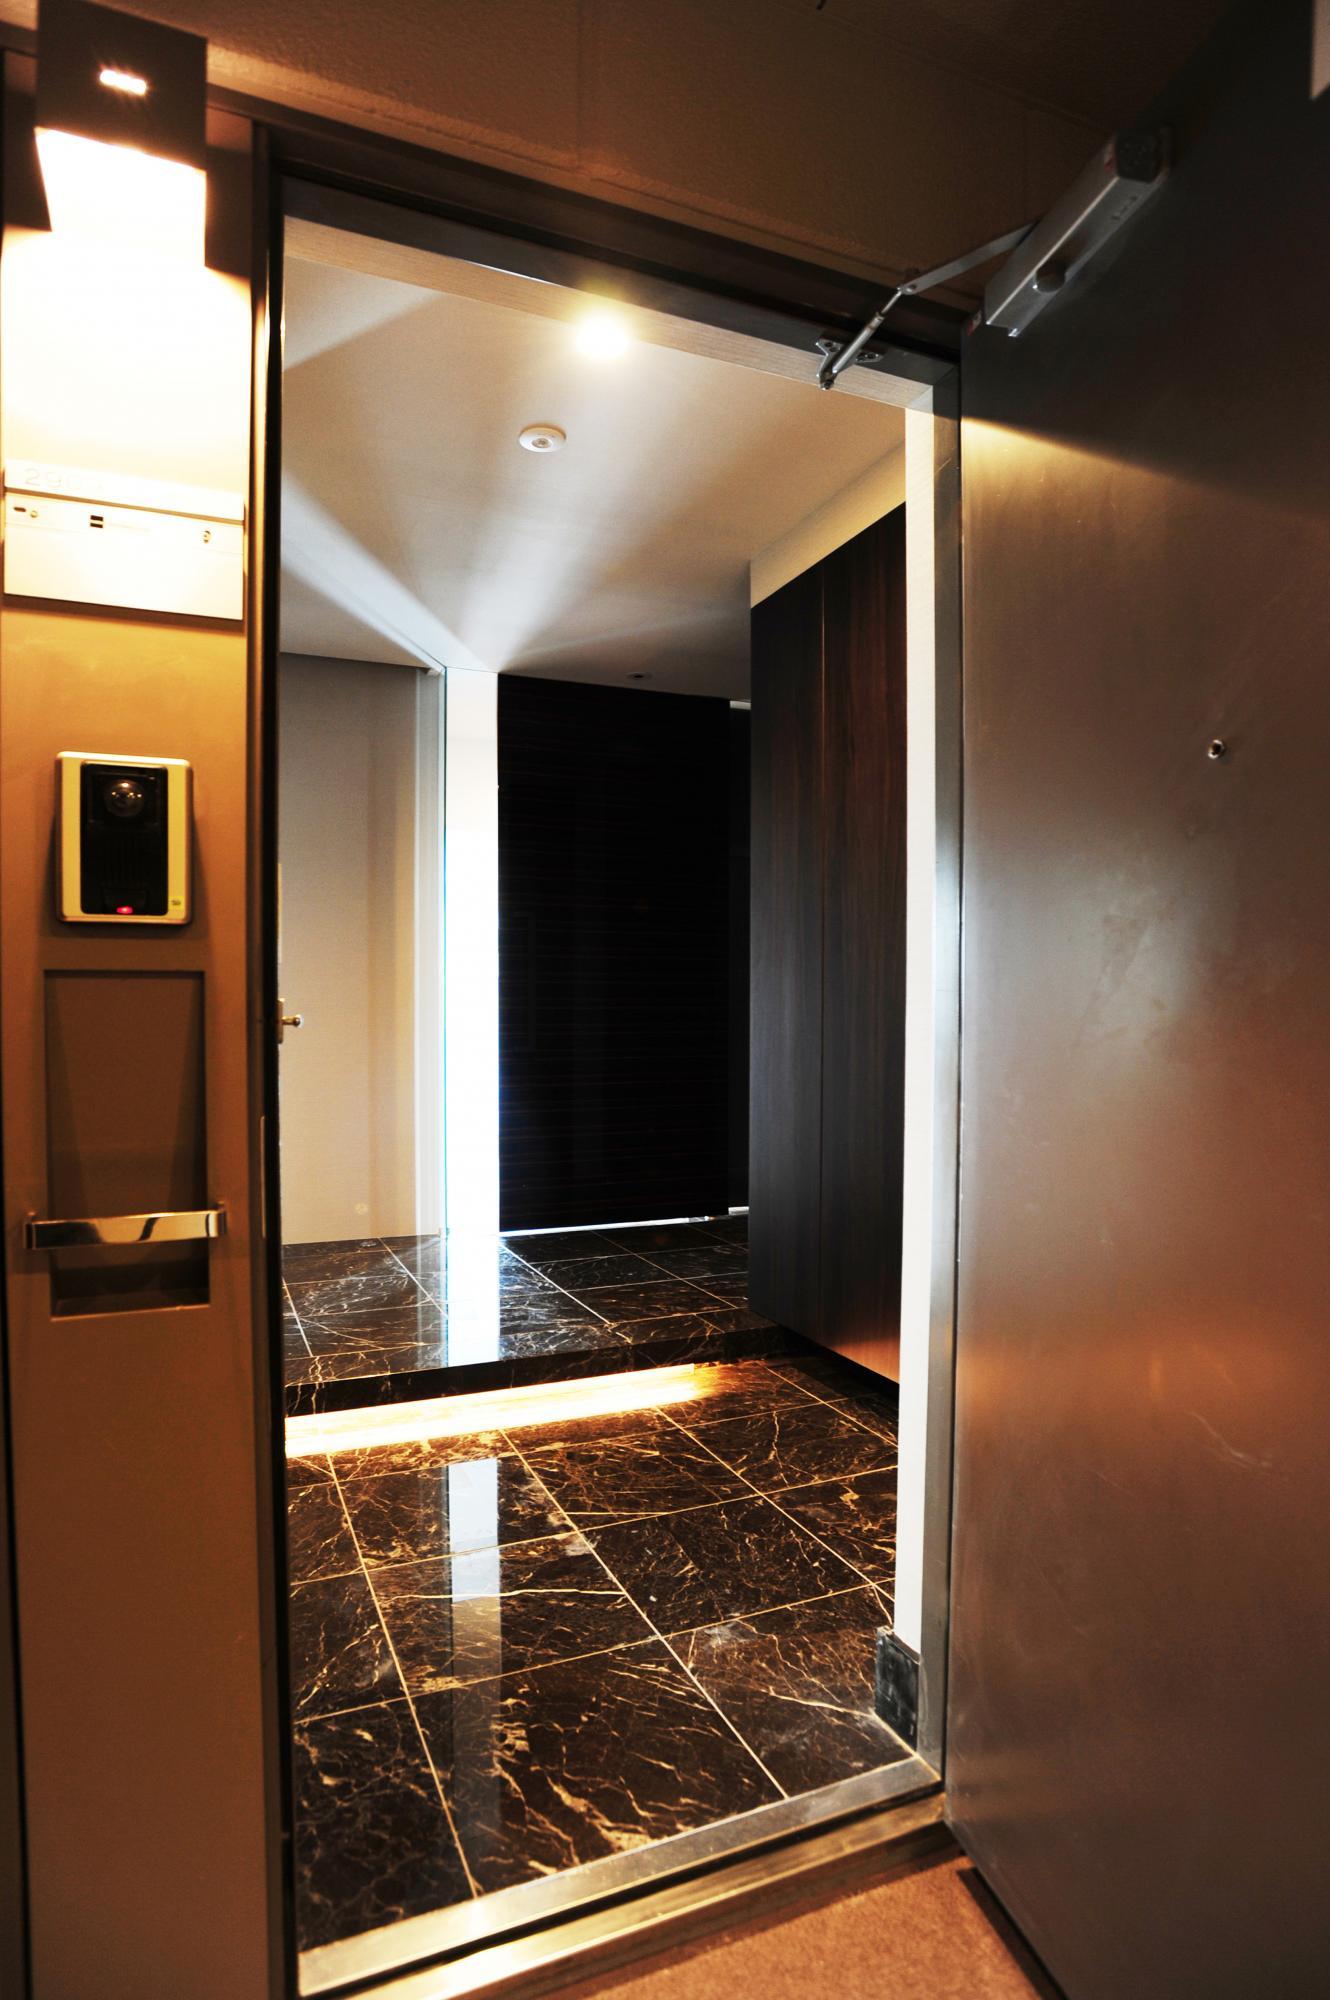 グレーブラウンの大理石を敷詰めた玄関、この奥にはどんな空間が広がっているんだろうとわくわくさせてくれます。